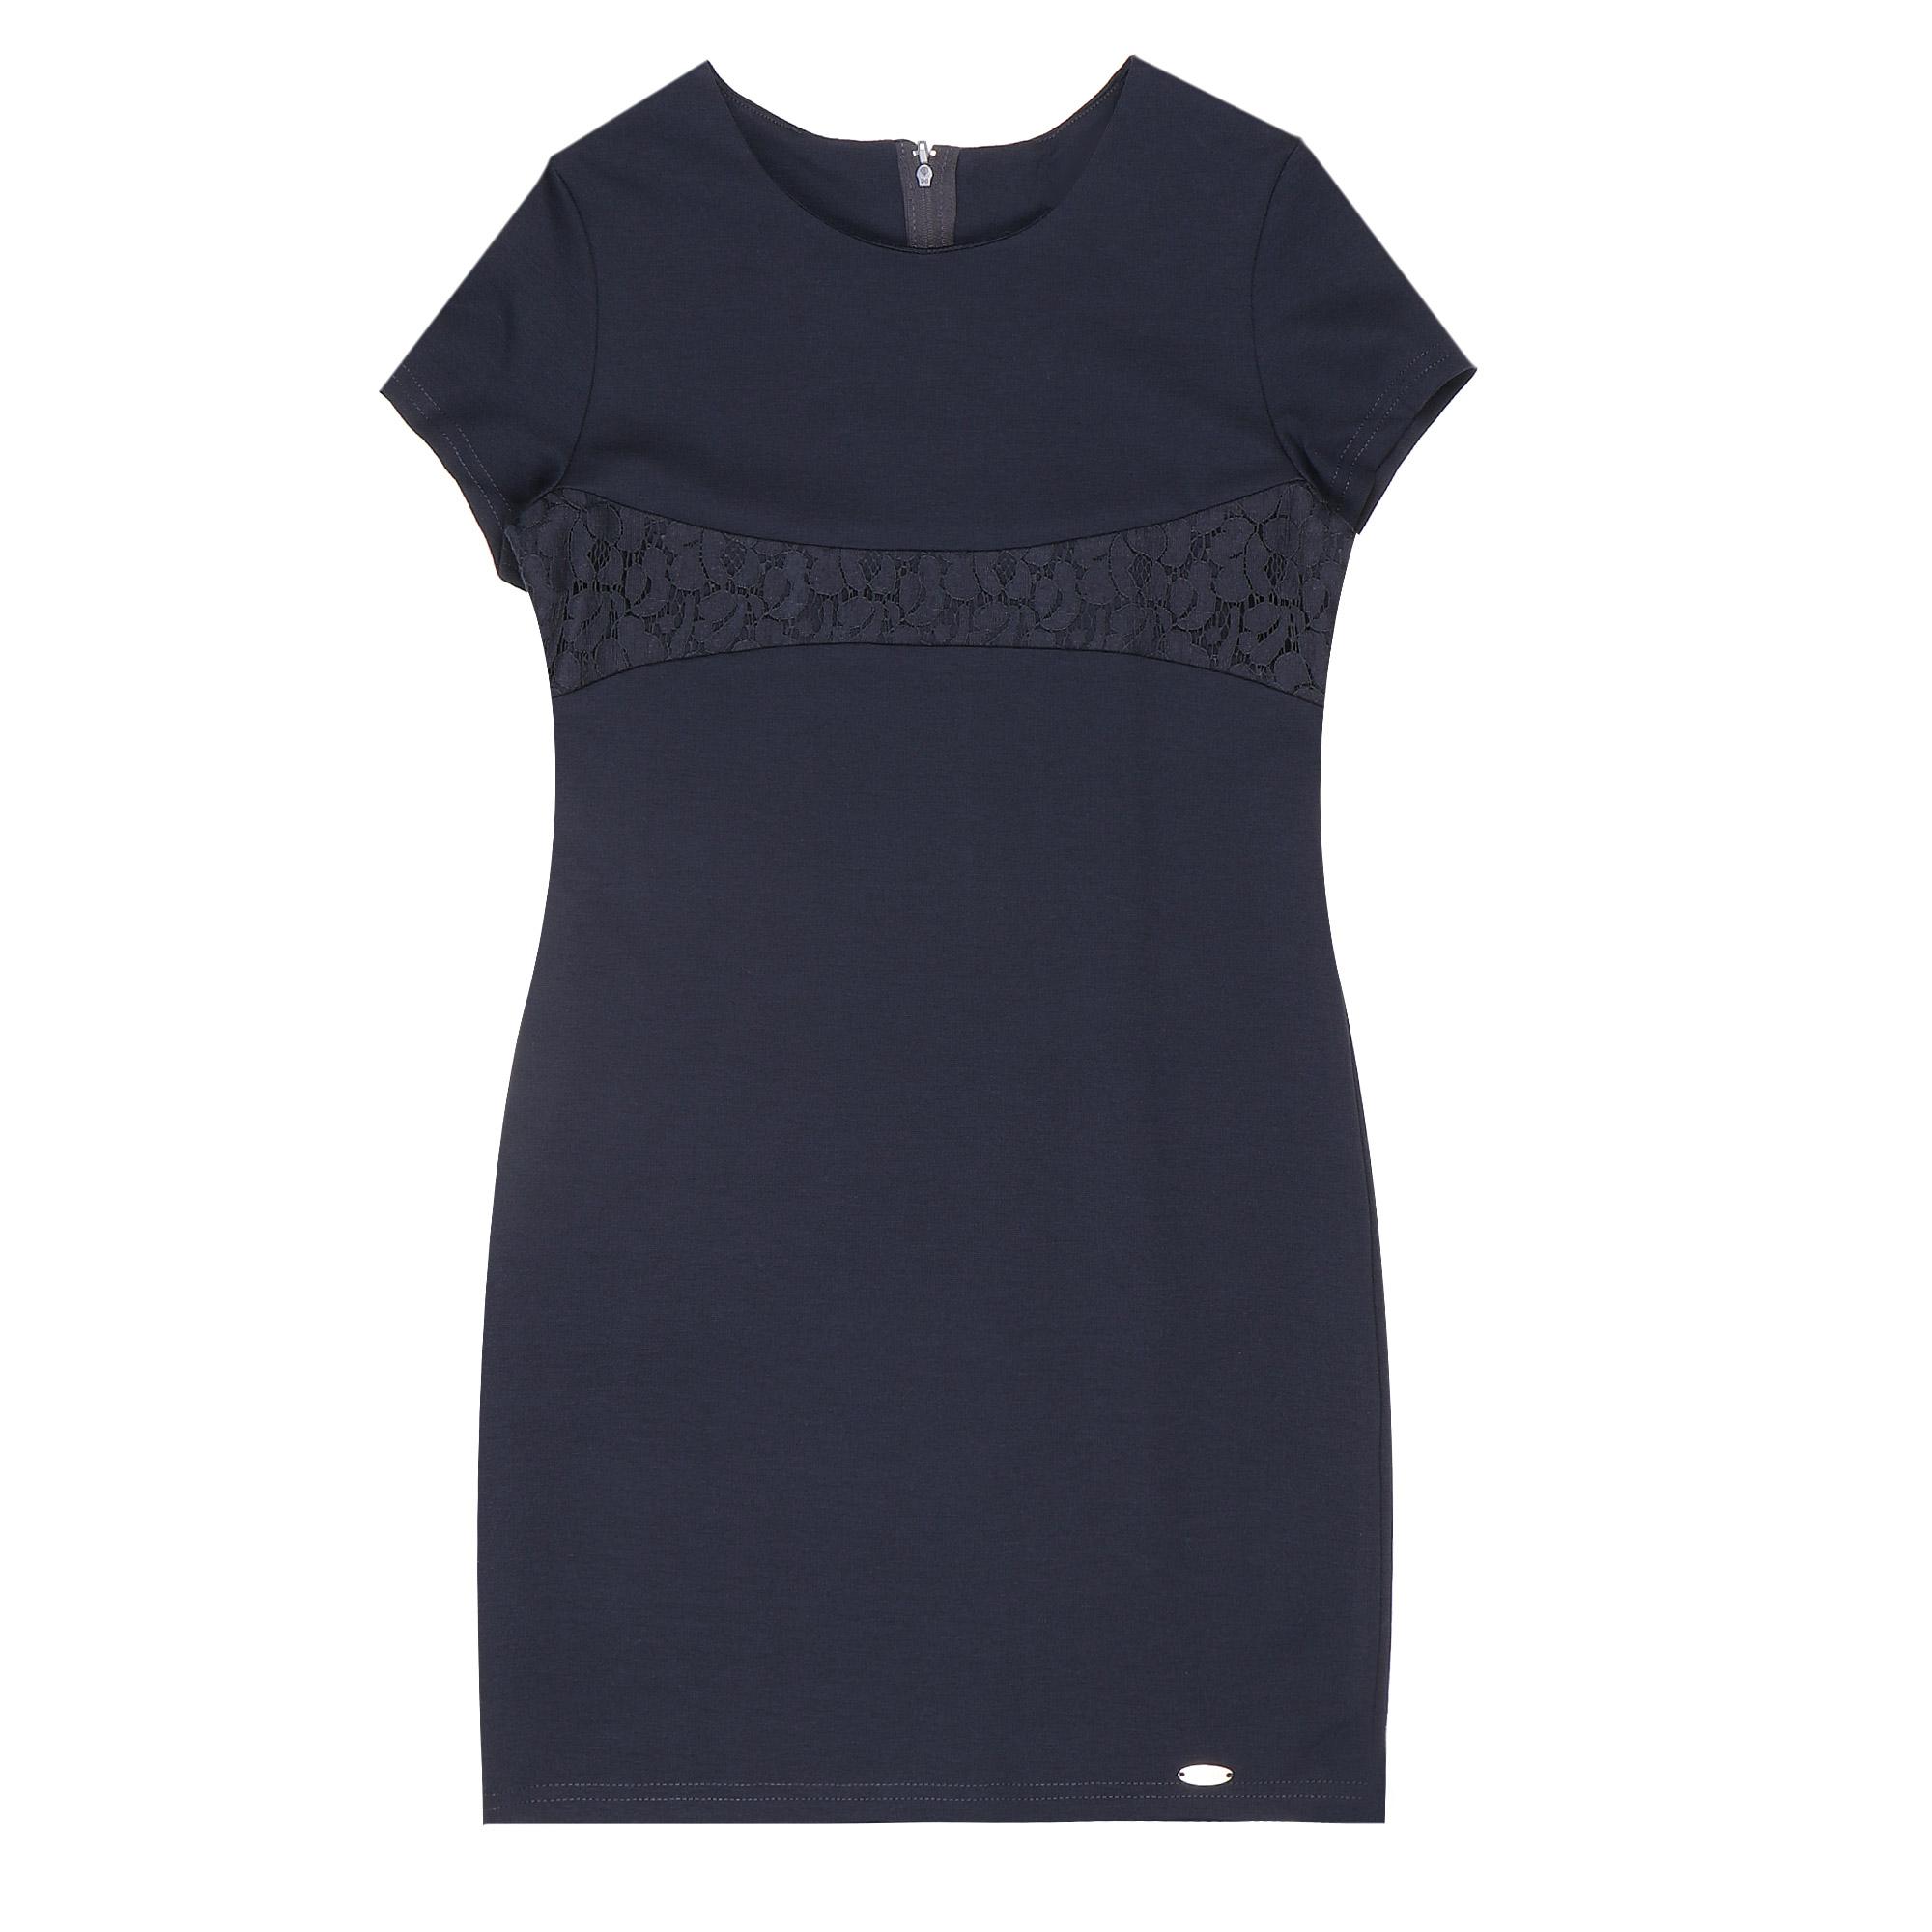 Купить Платье школьное КАРАМЕЛЛИ О73639 синее 152, Синий, Для девочек, Всесезонный,